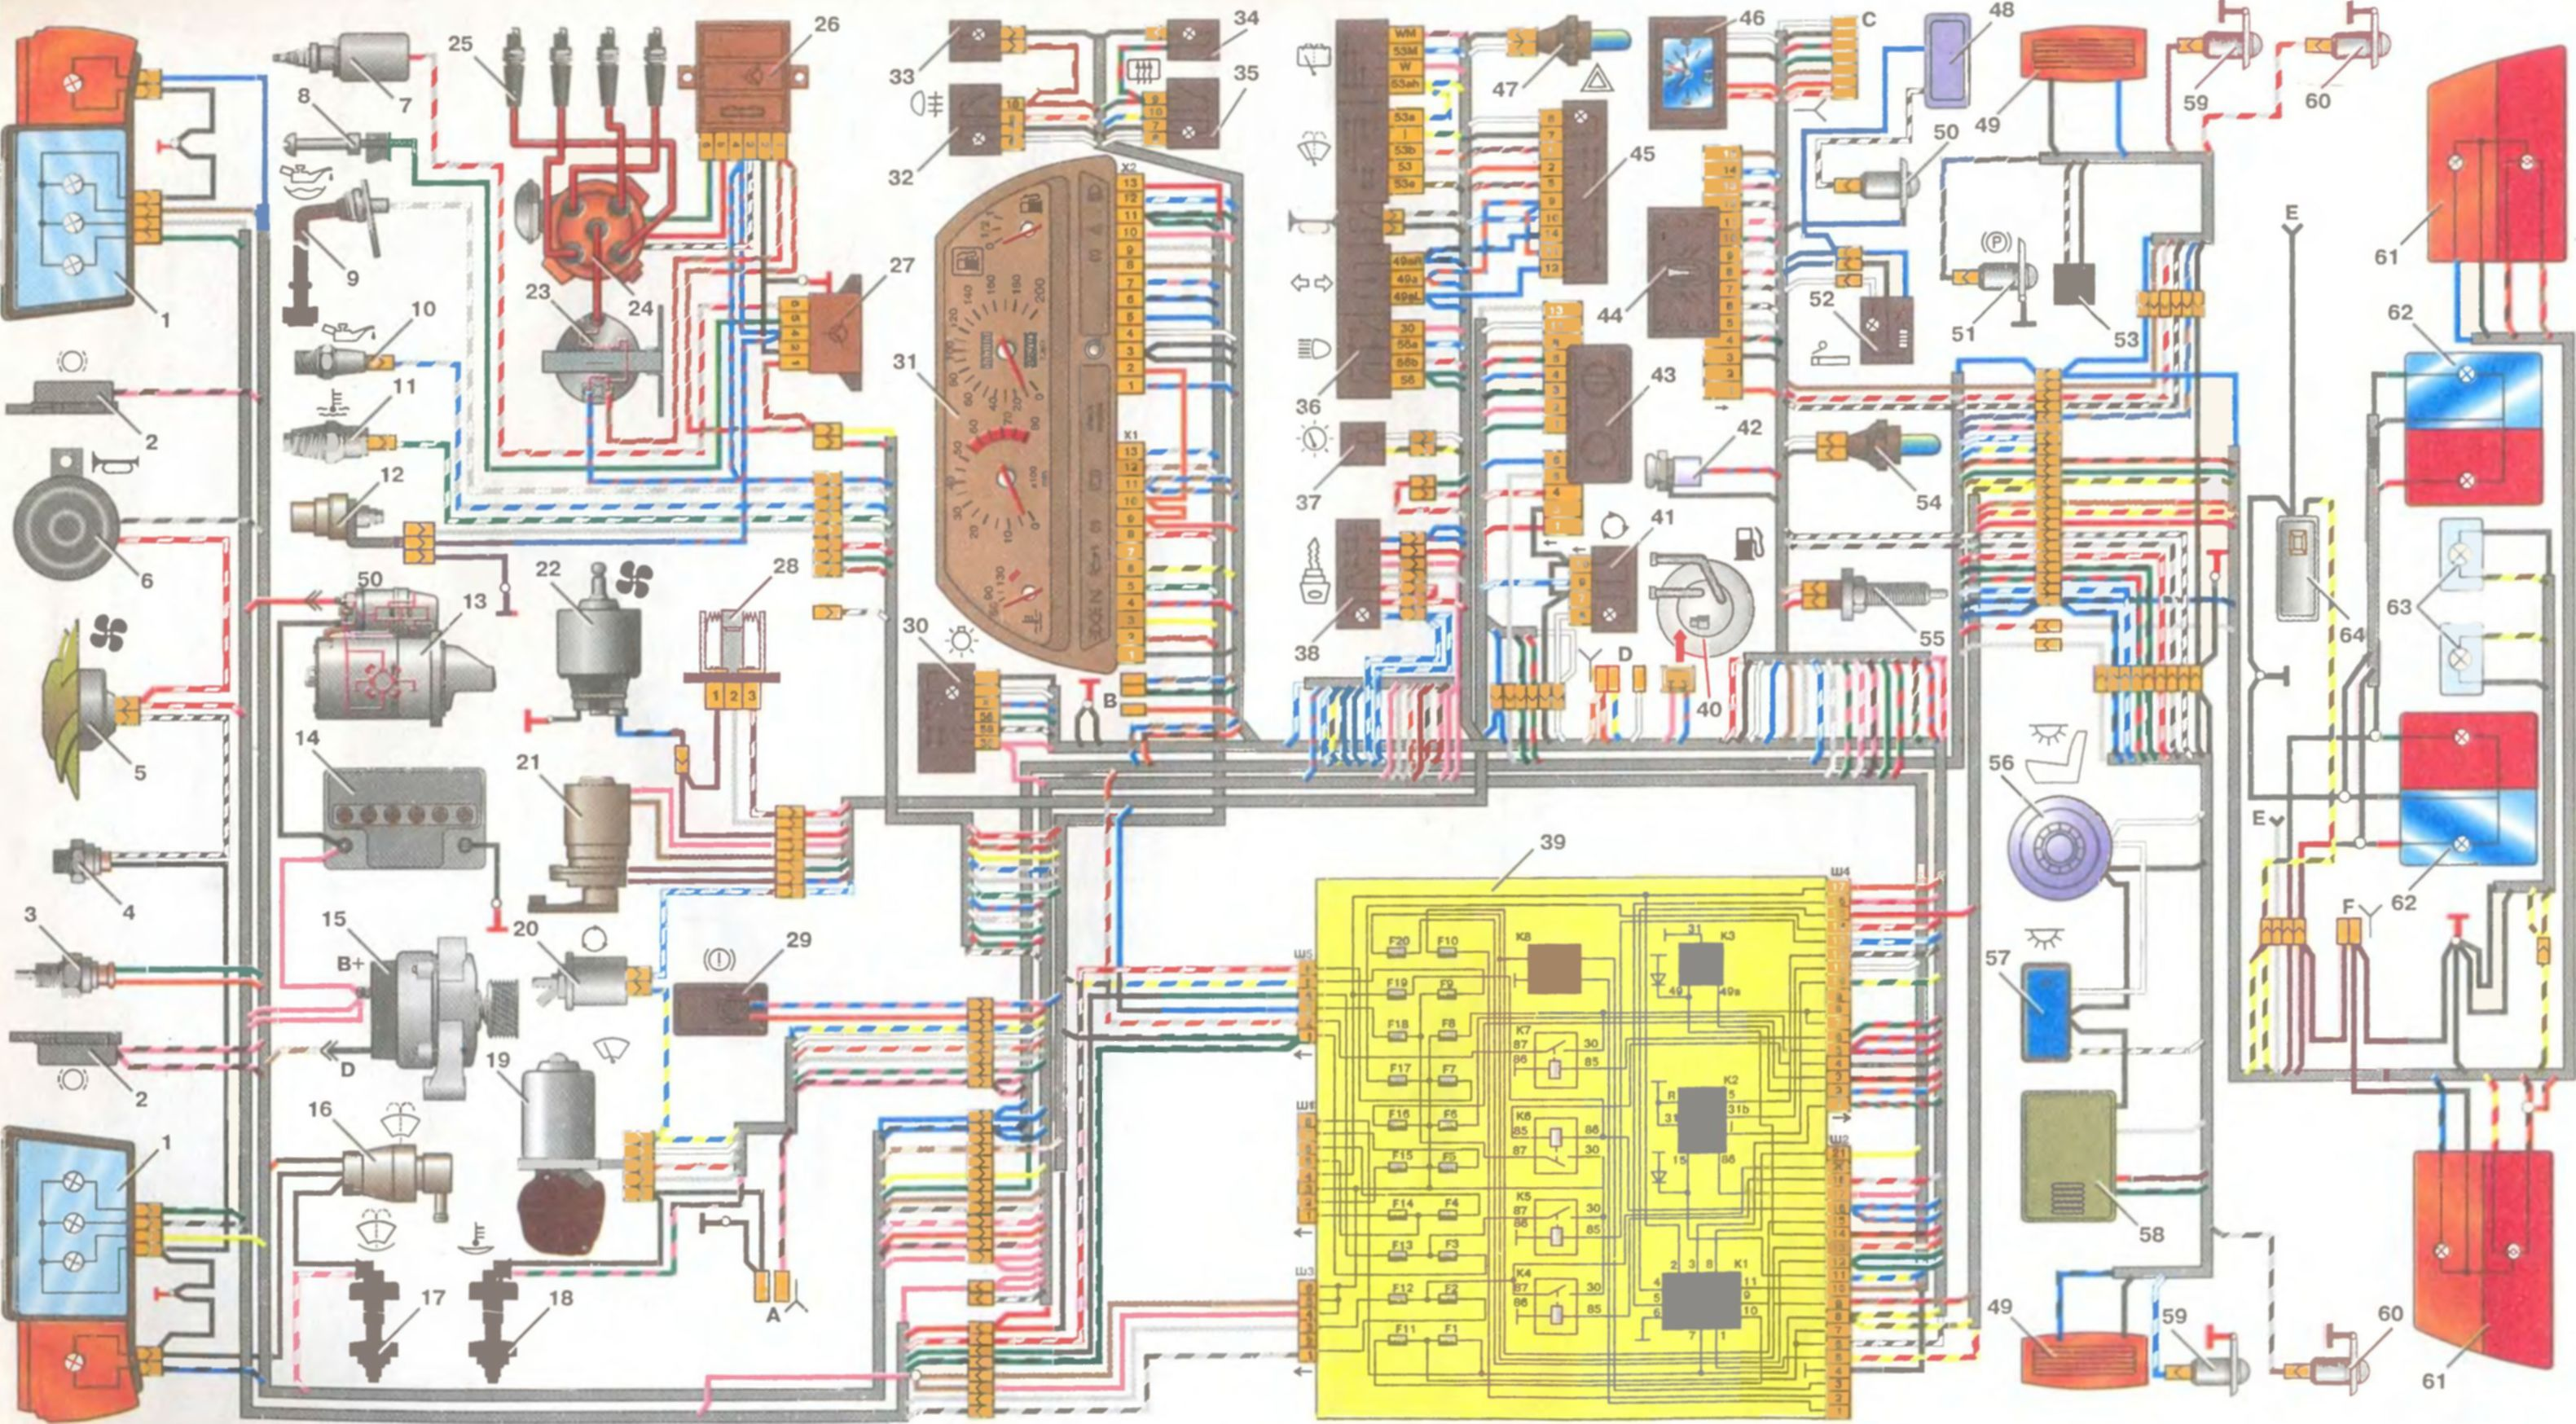 Электрооборудование автомобилей ваз 2110, ваз 2111, ваз 2112 выполнено по однопроводной схеме - отрицательные выводы...